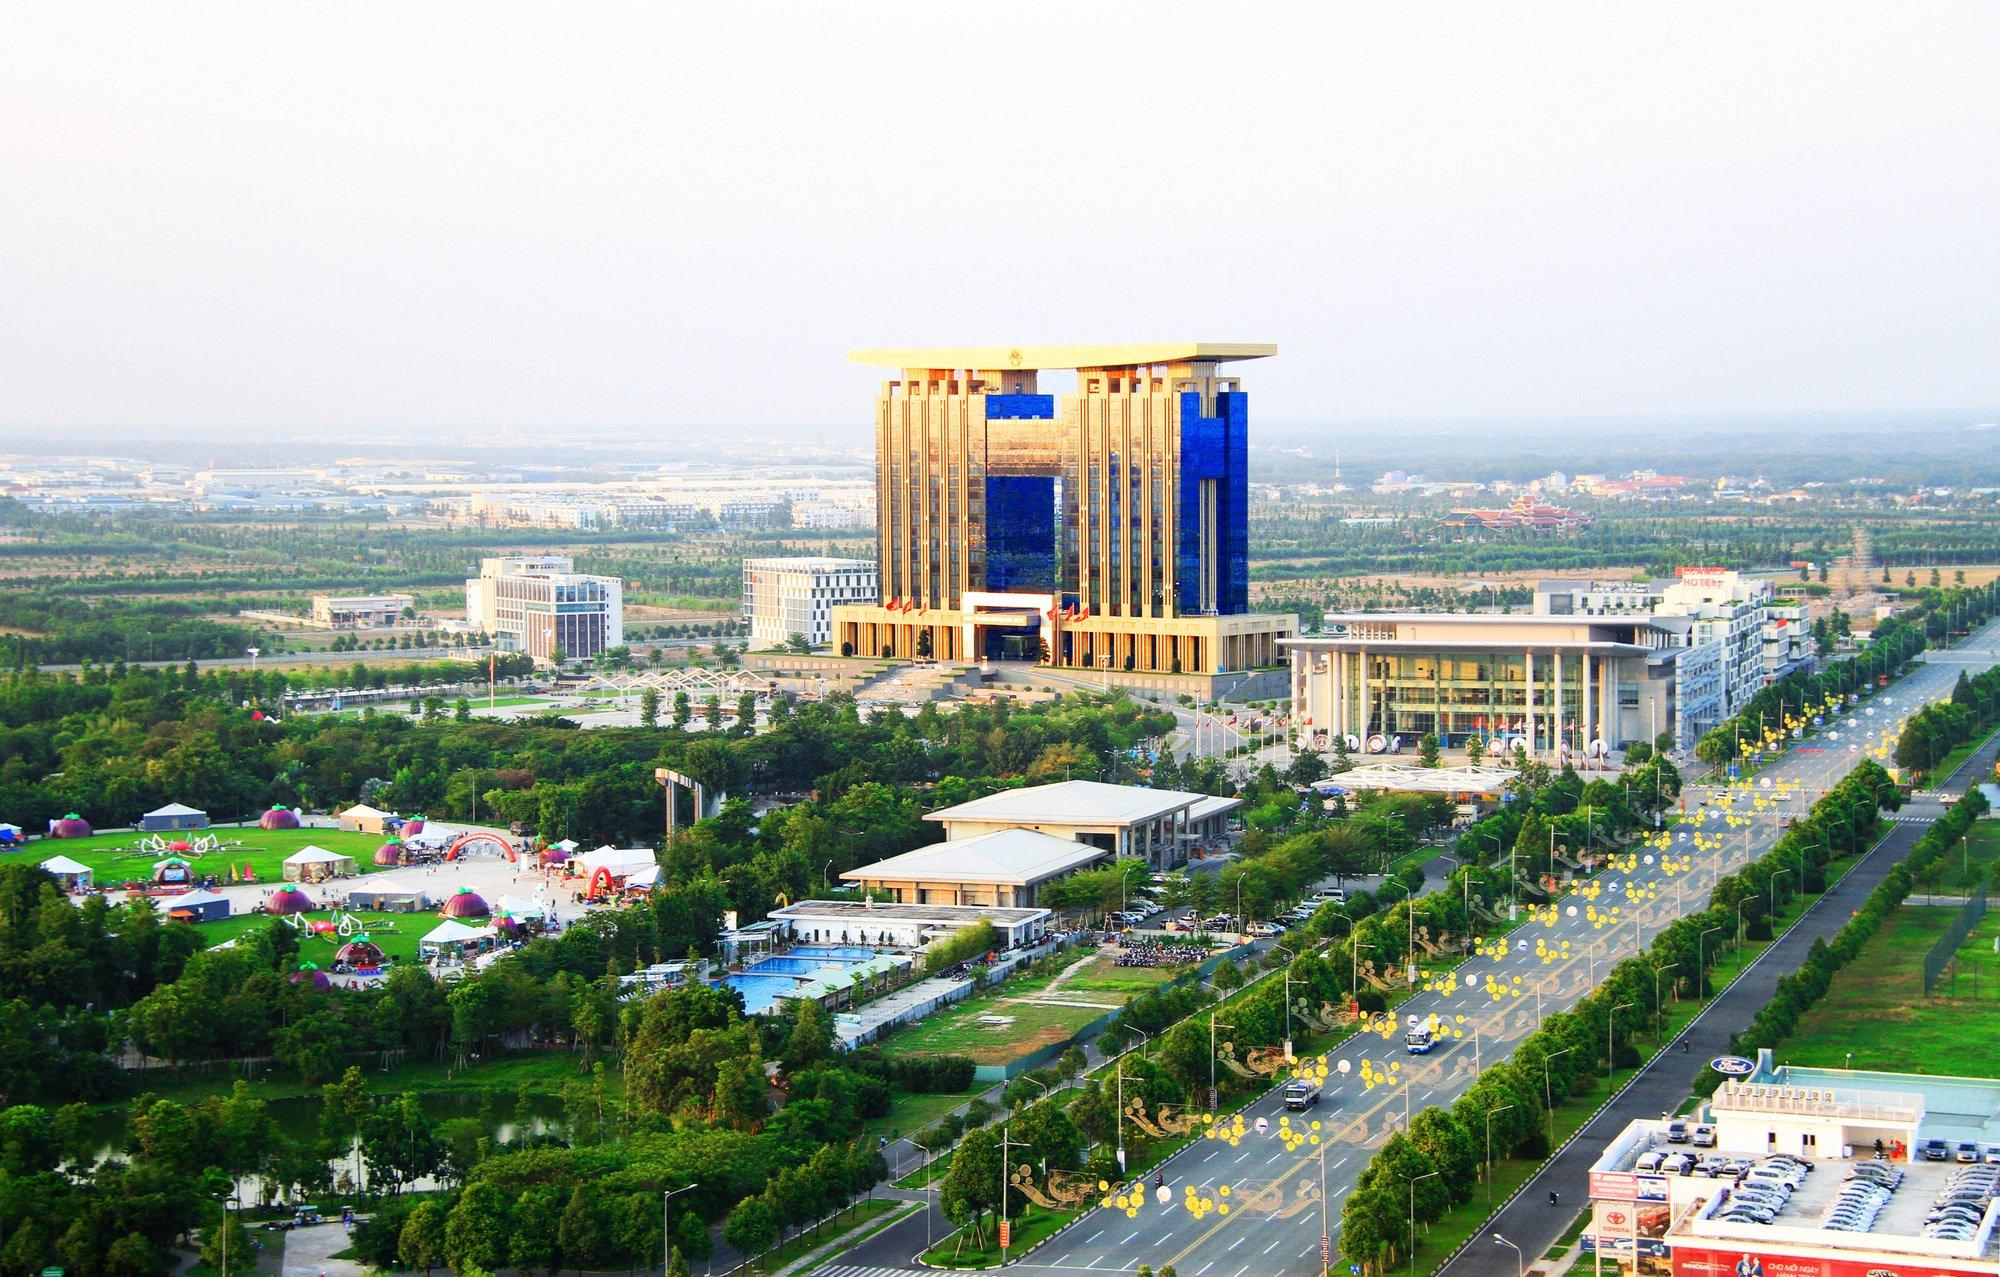 ha tang binh duong - Nhân tố thúc đẩy thị trường bất động sản Bình Dương năm 2020